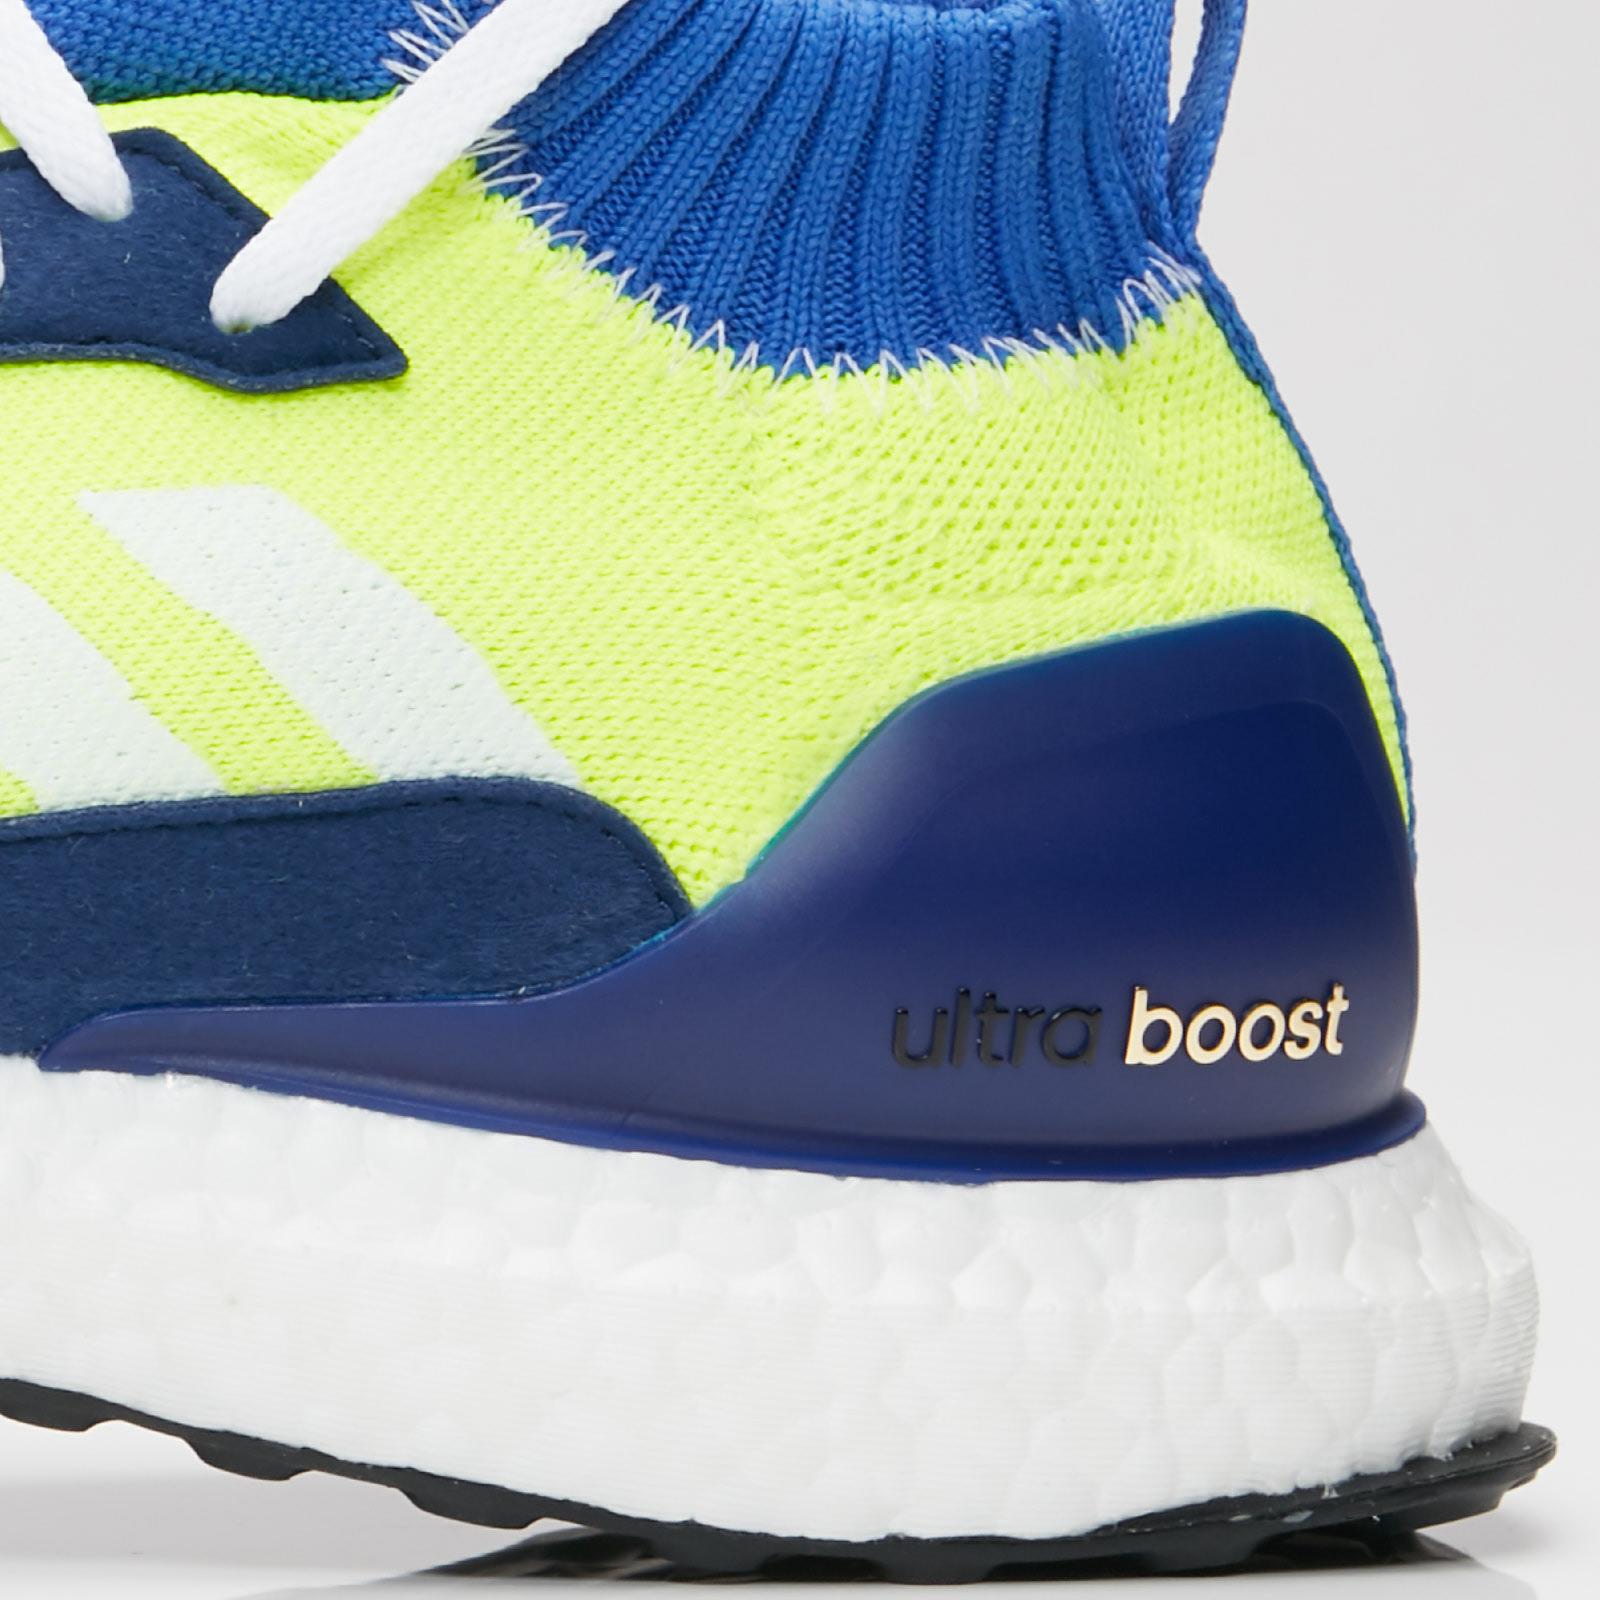 46f0d7dc46fc3 adidas Ultraboost Mid Proto - Bd7399 - Sneakersnstuff